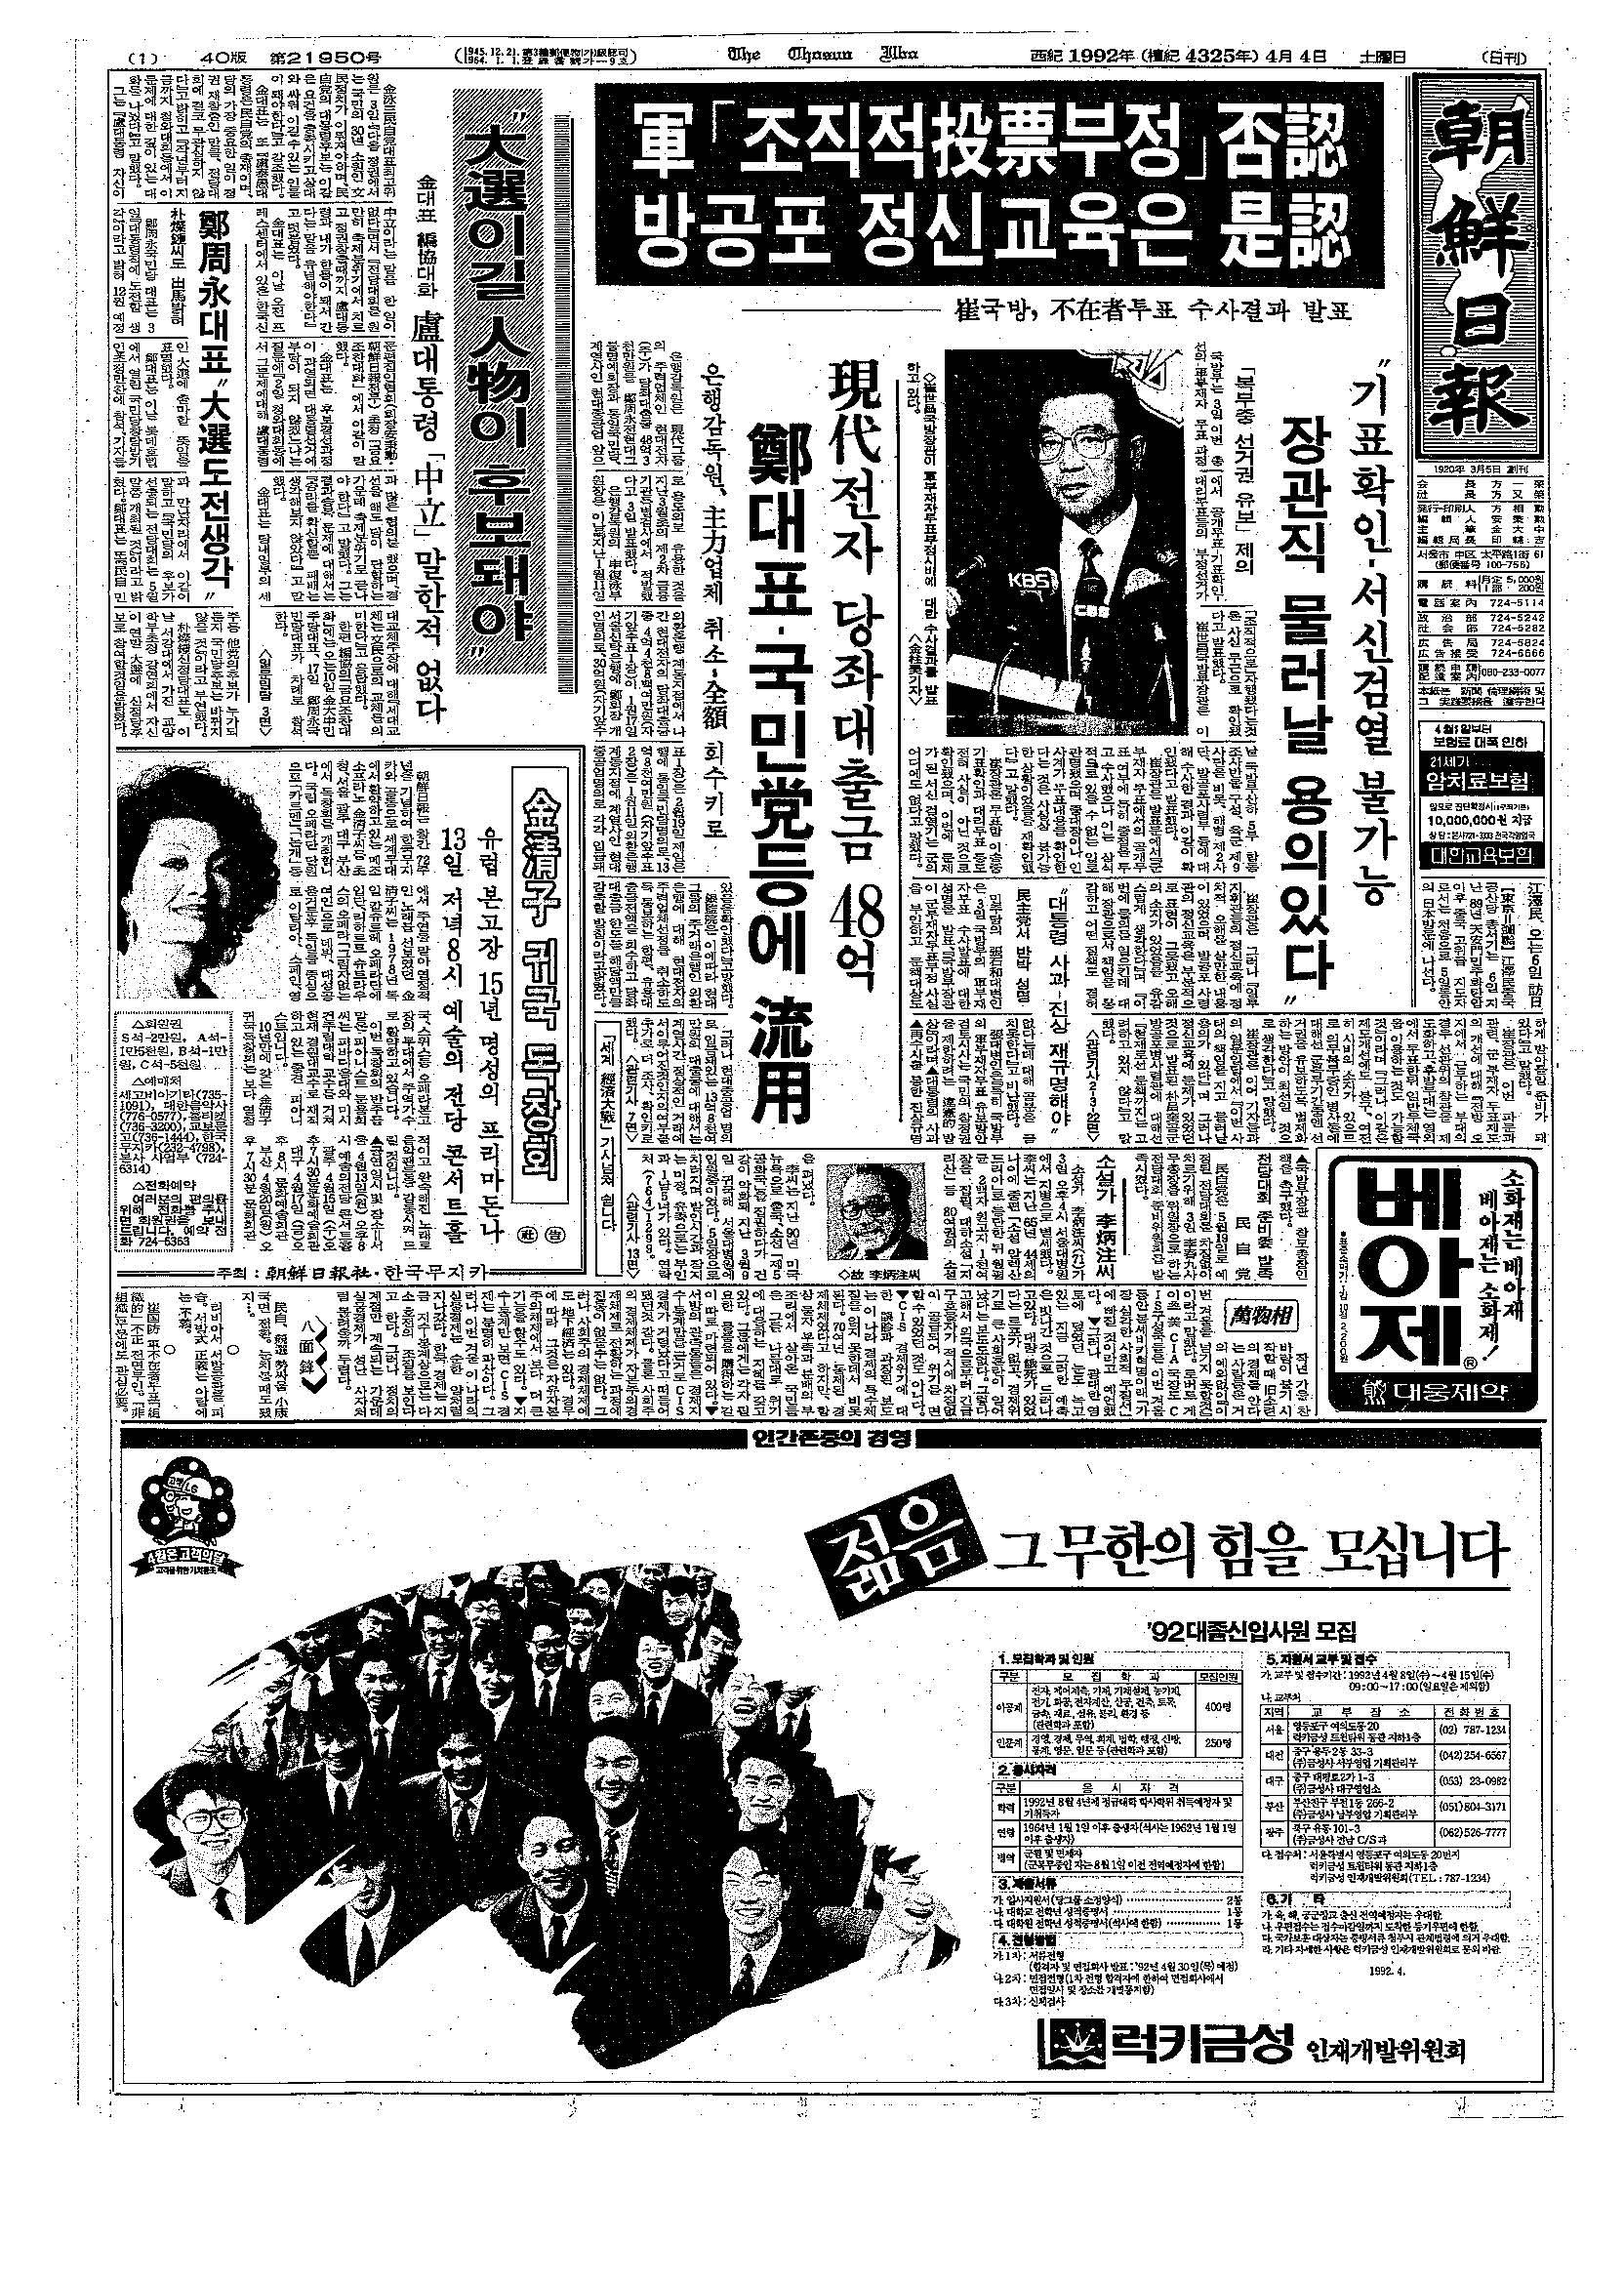 10-7 신문기사(이지문,국방장관발표,조선,920404)